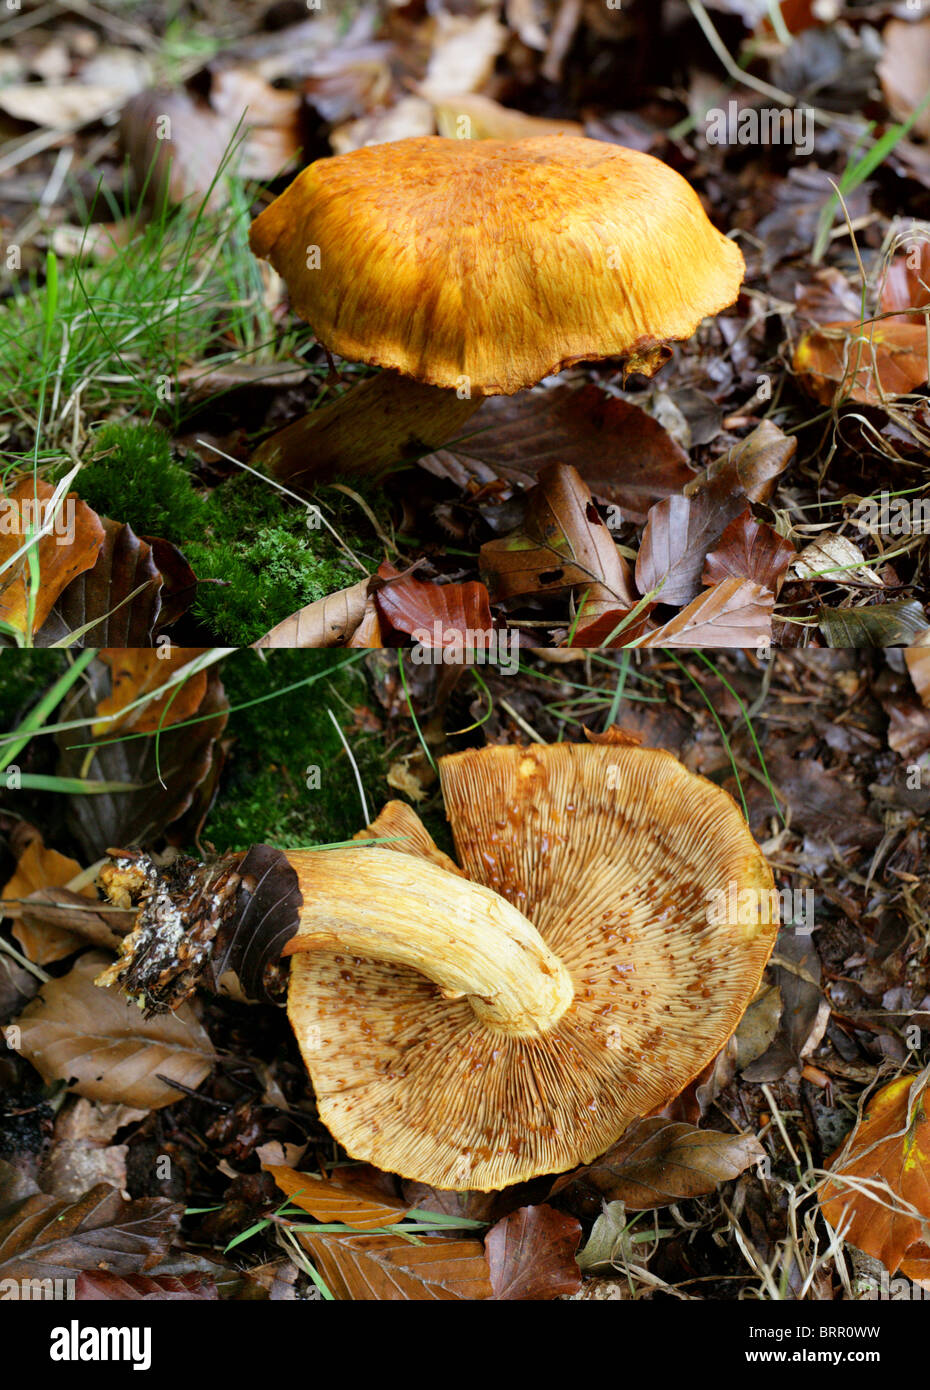 Rustgill spectaculaire, sous-junonius (Pholiota spectablis var. junonia), Cortinariaceae. Composé de 2 images. Photo Stock